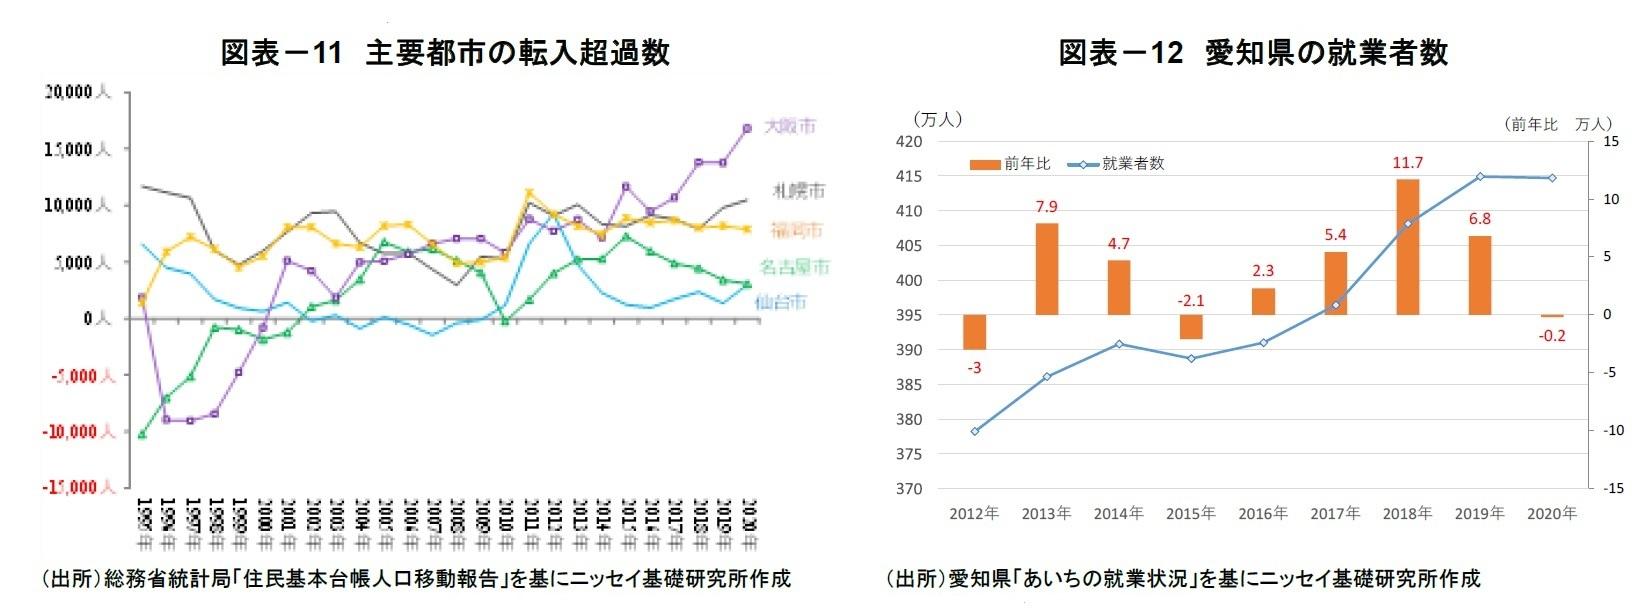 図表-11 主要都市の転入超過数/図表-12 愛知県の就業者数